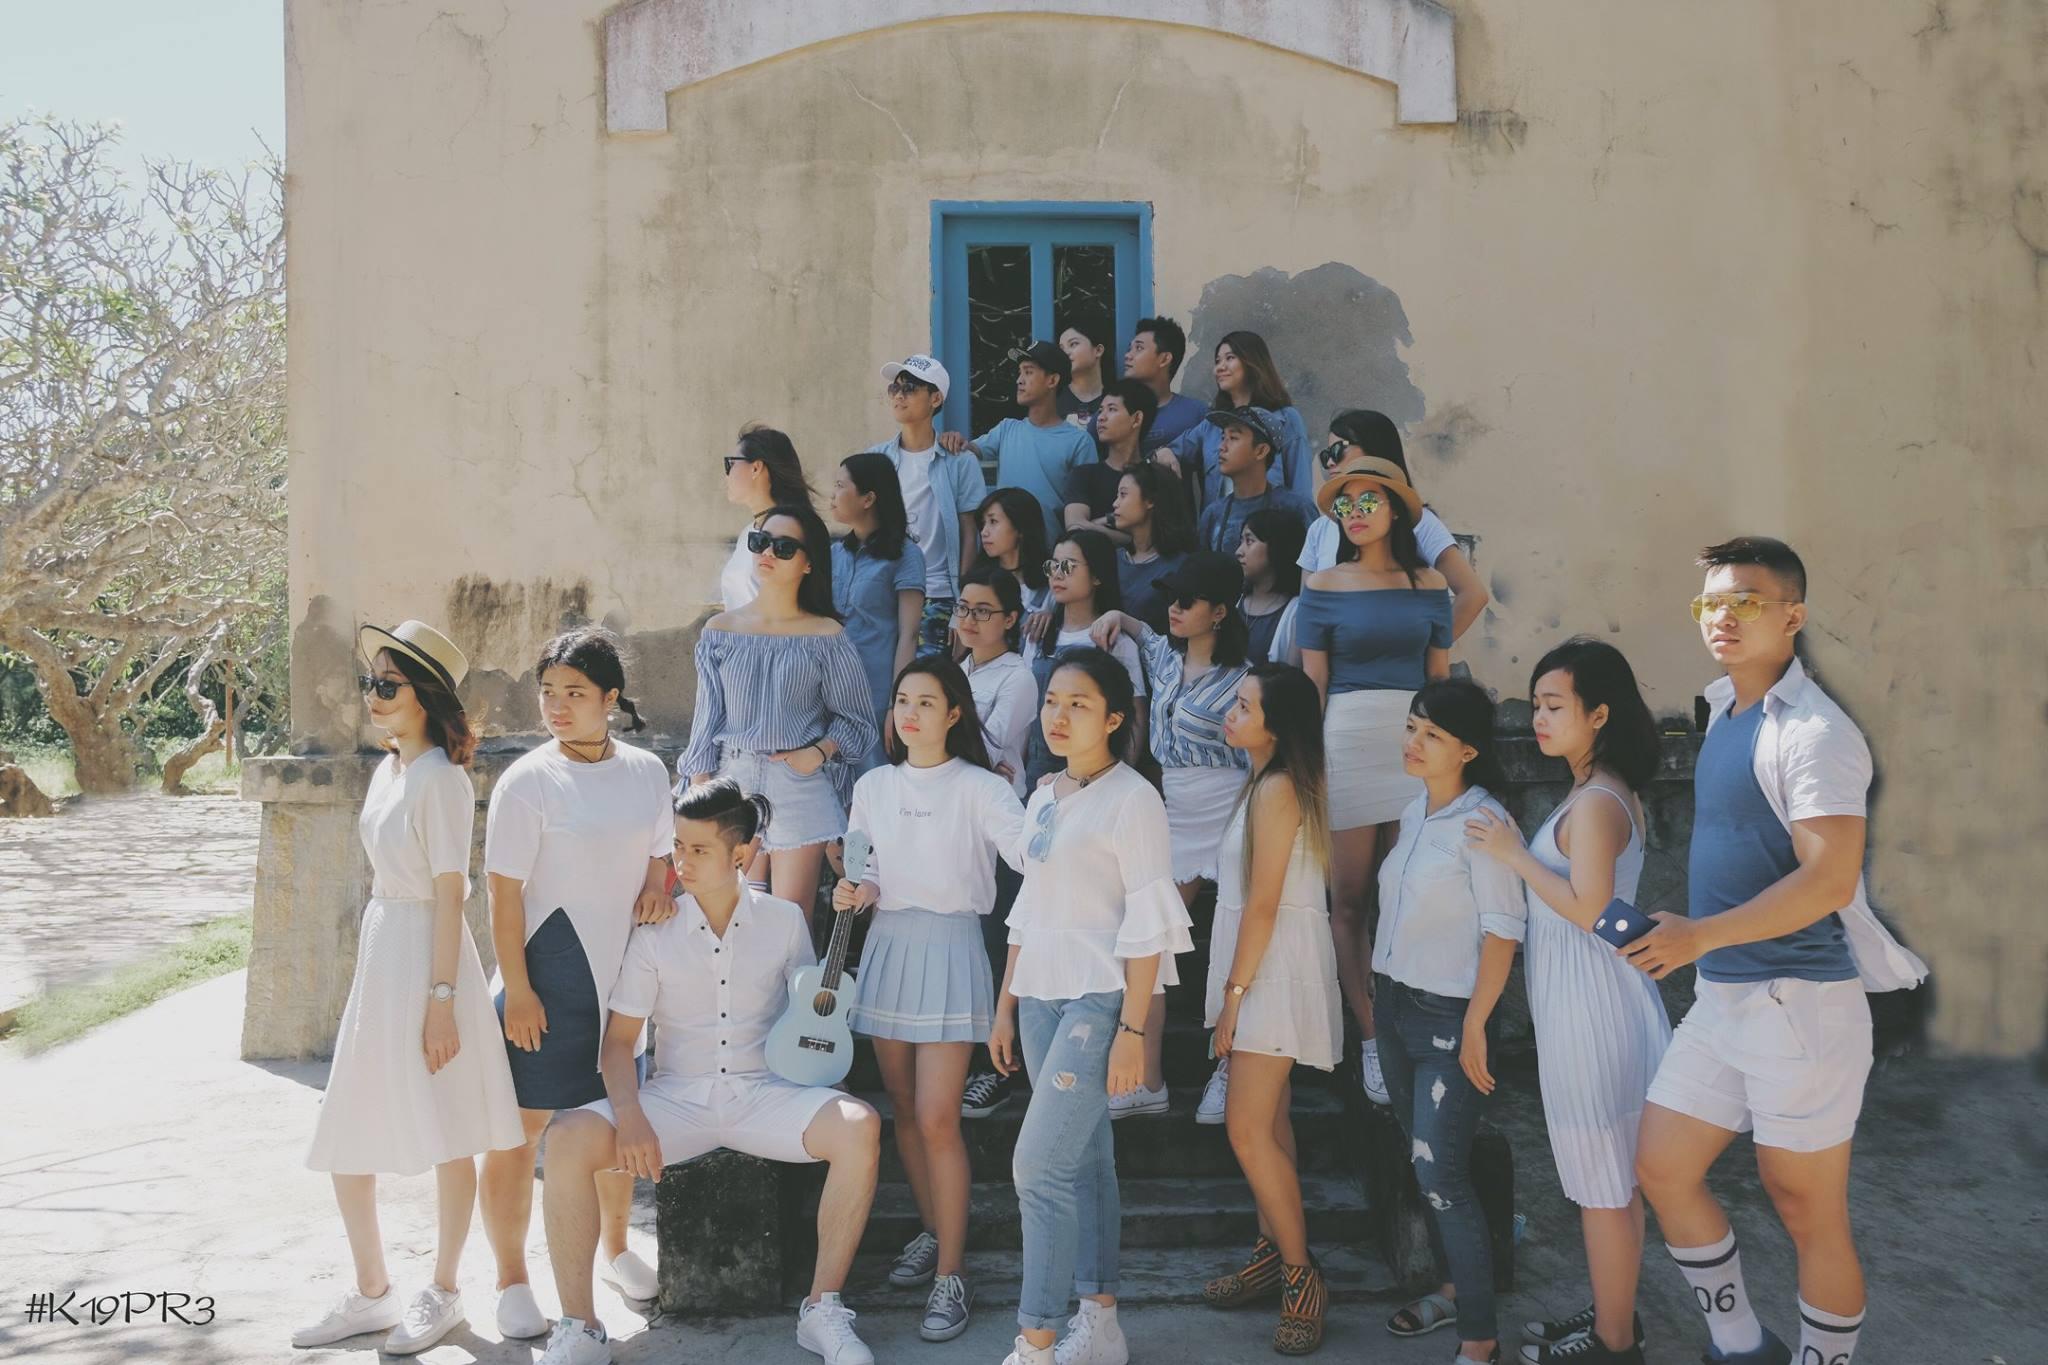 Năm tháng vội vã, chúng mình ở bên nhau: Bộ ảnh kỷ yếu chất như tạp chí của SV Sài Gòn - Ảnh 8.